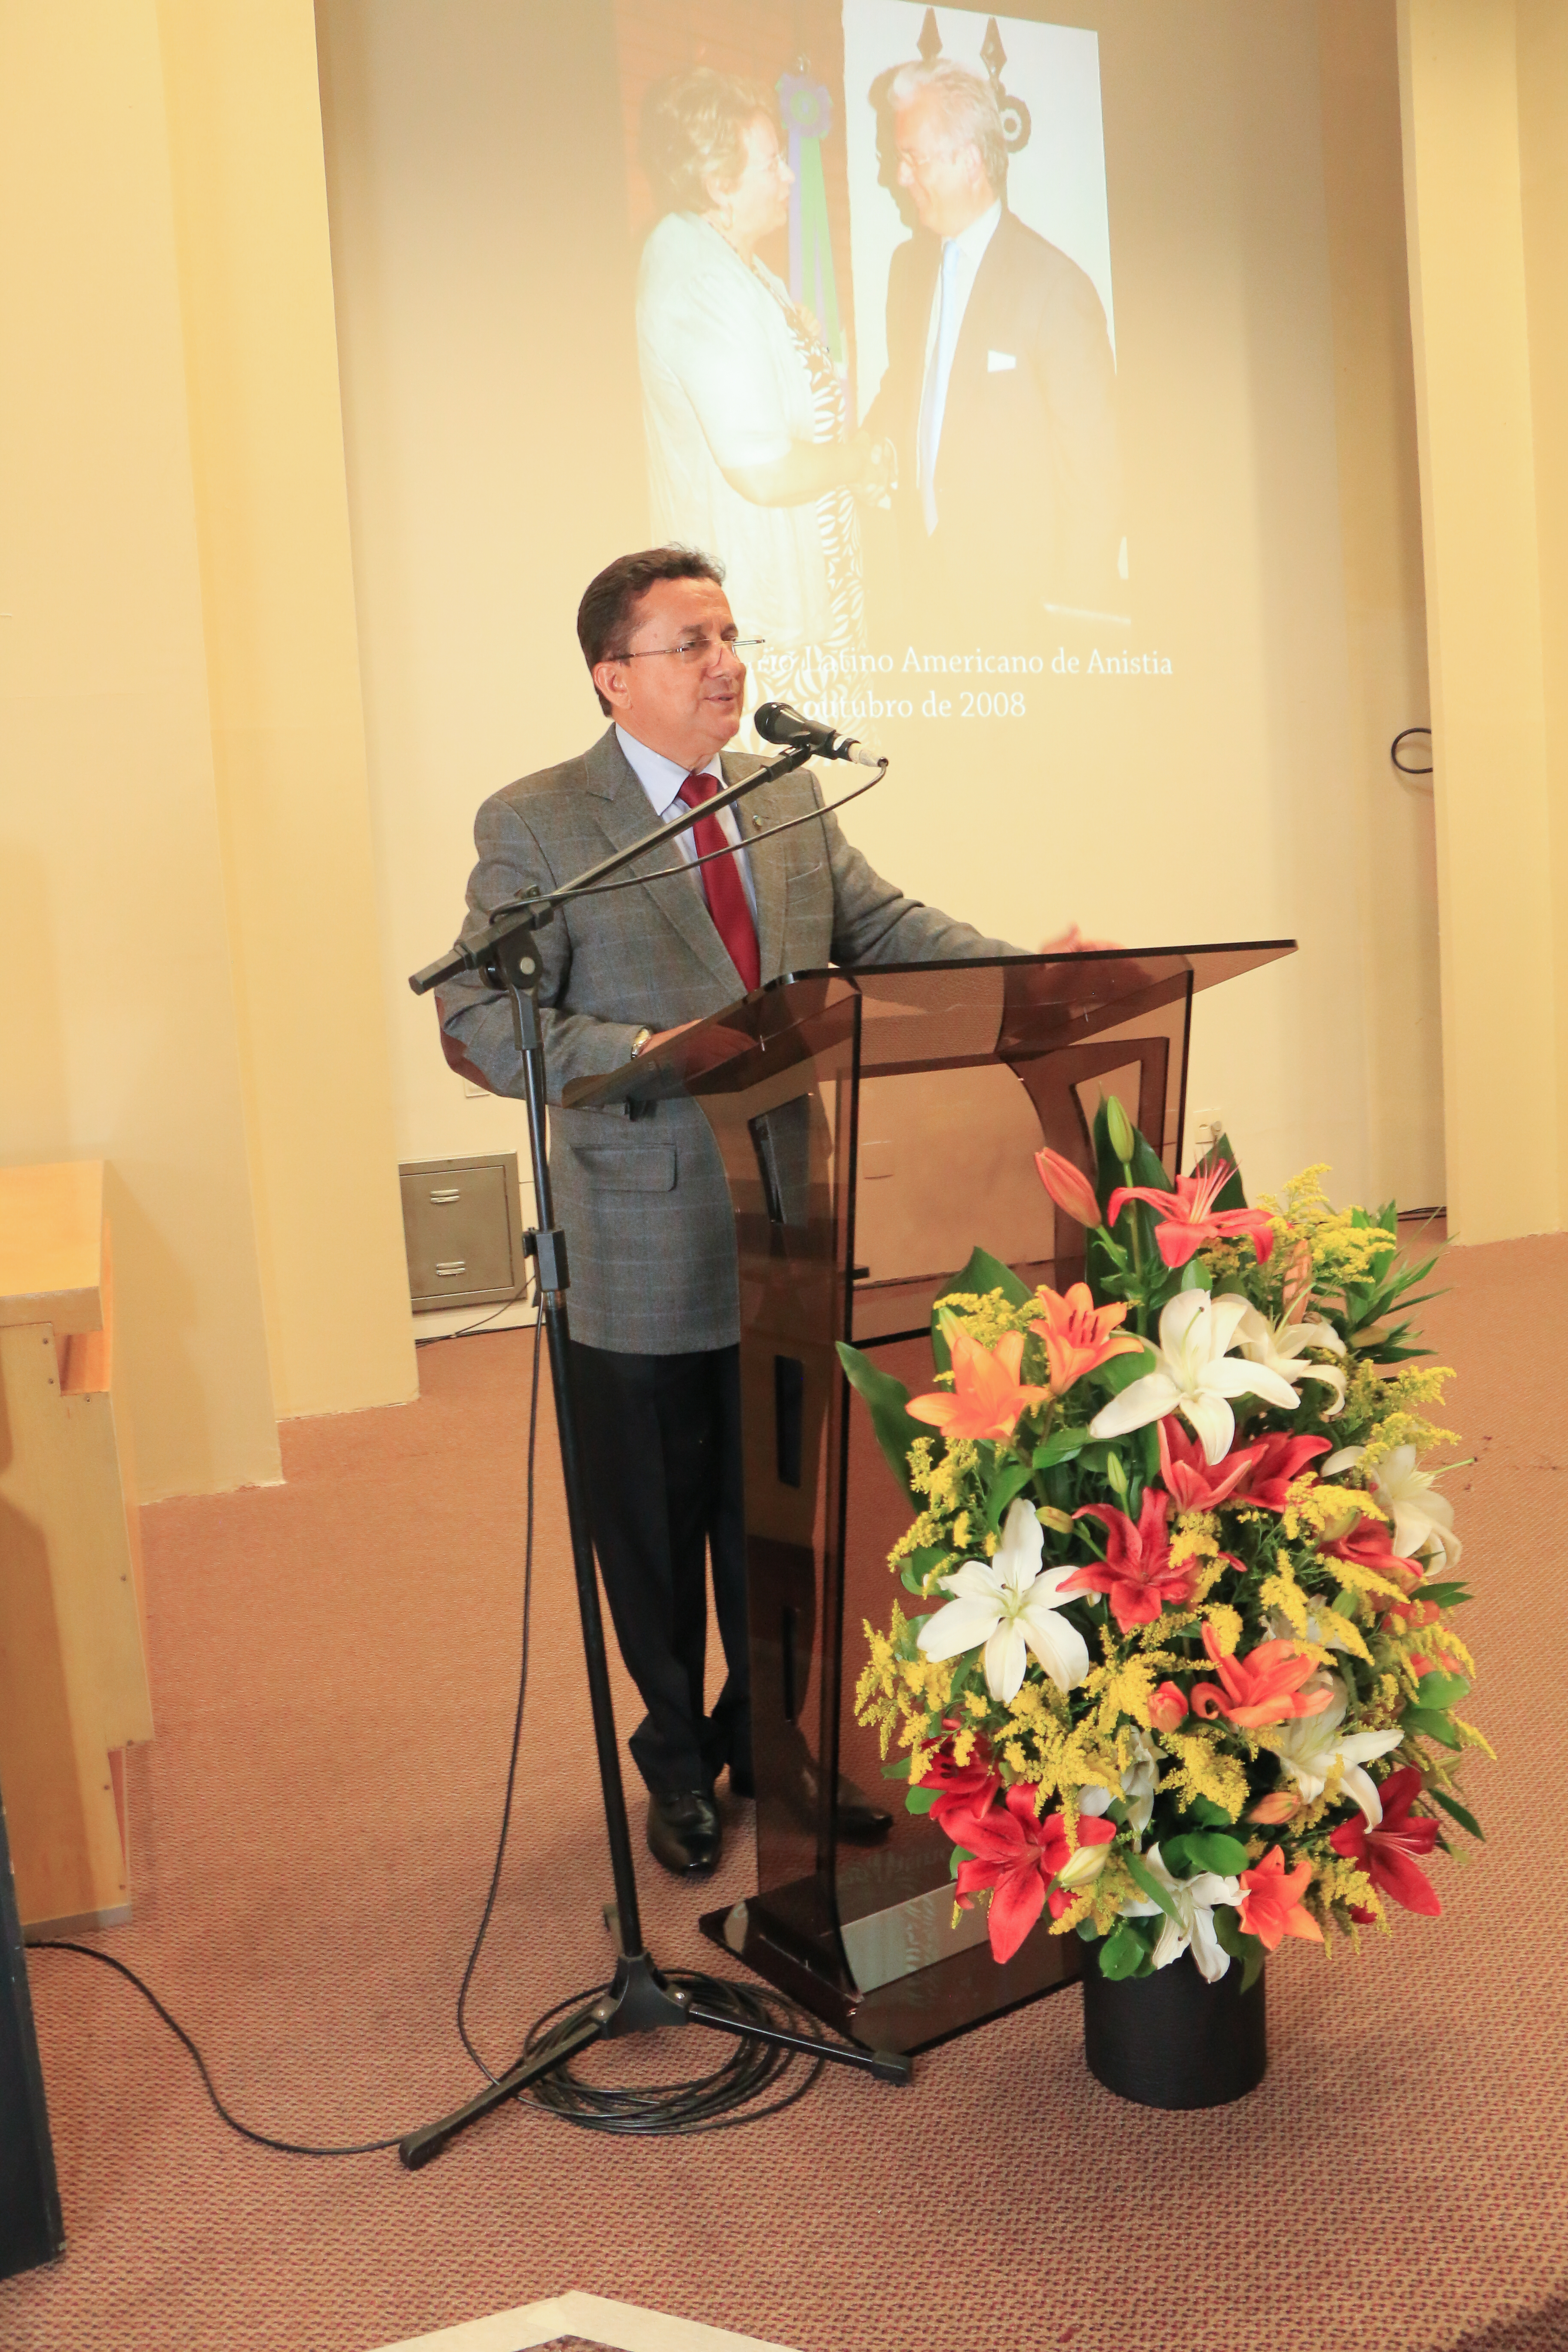 Ministro Enaildo Viana - diretor de radiodifusão, que apresentou o evento